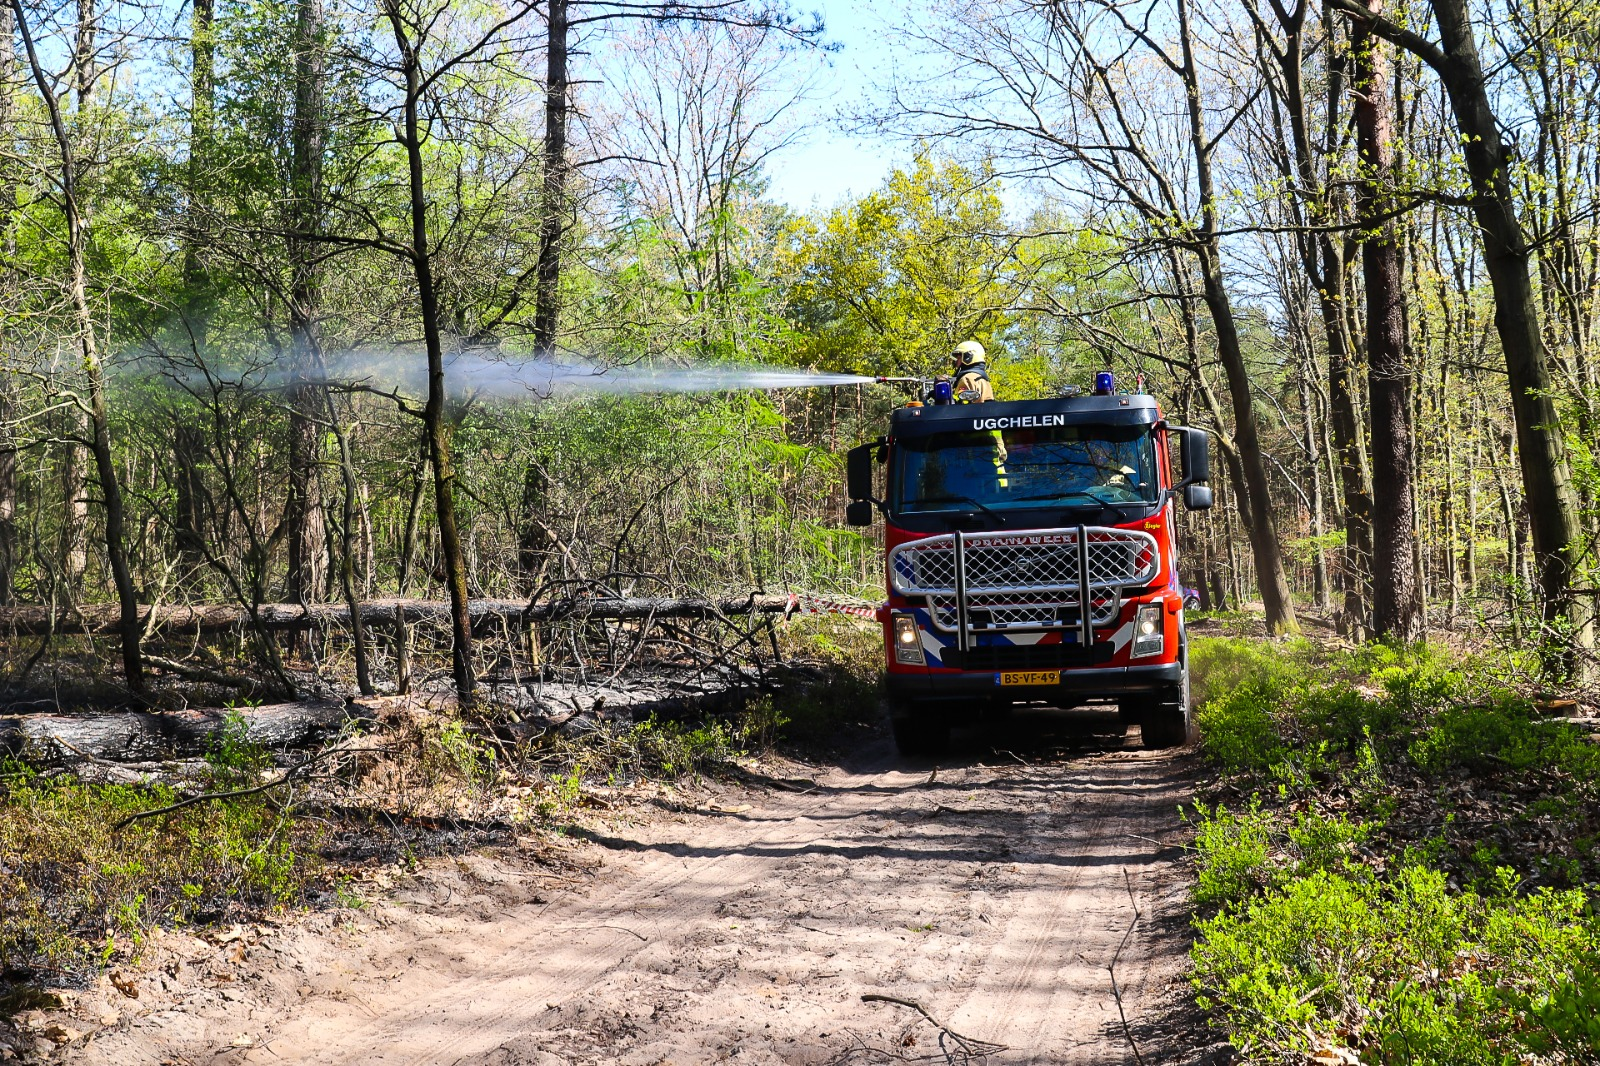 Opnieuw een bosbrand in omgeving Apeldoorn; politie vraagt mensen een oogje in het zeil te houden